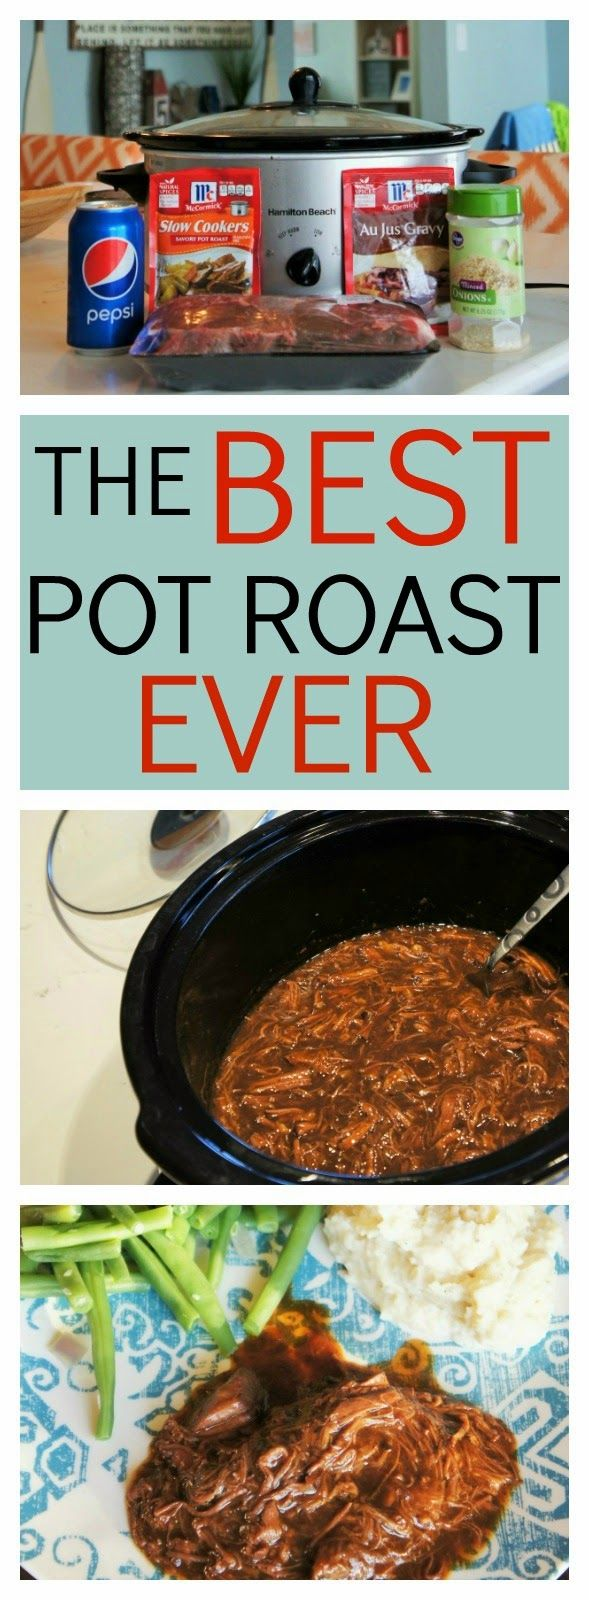 1000+ ideas about Best Pot Roast on Pinterest   Pot roast, Pot roast ...